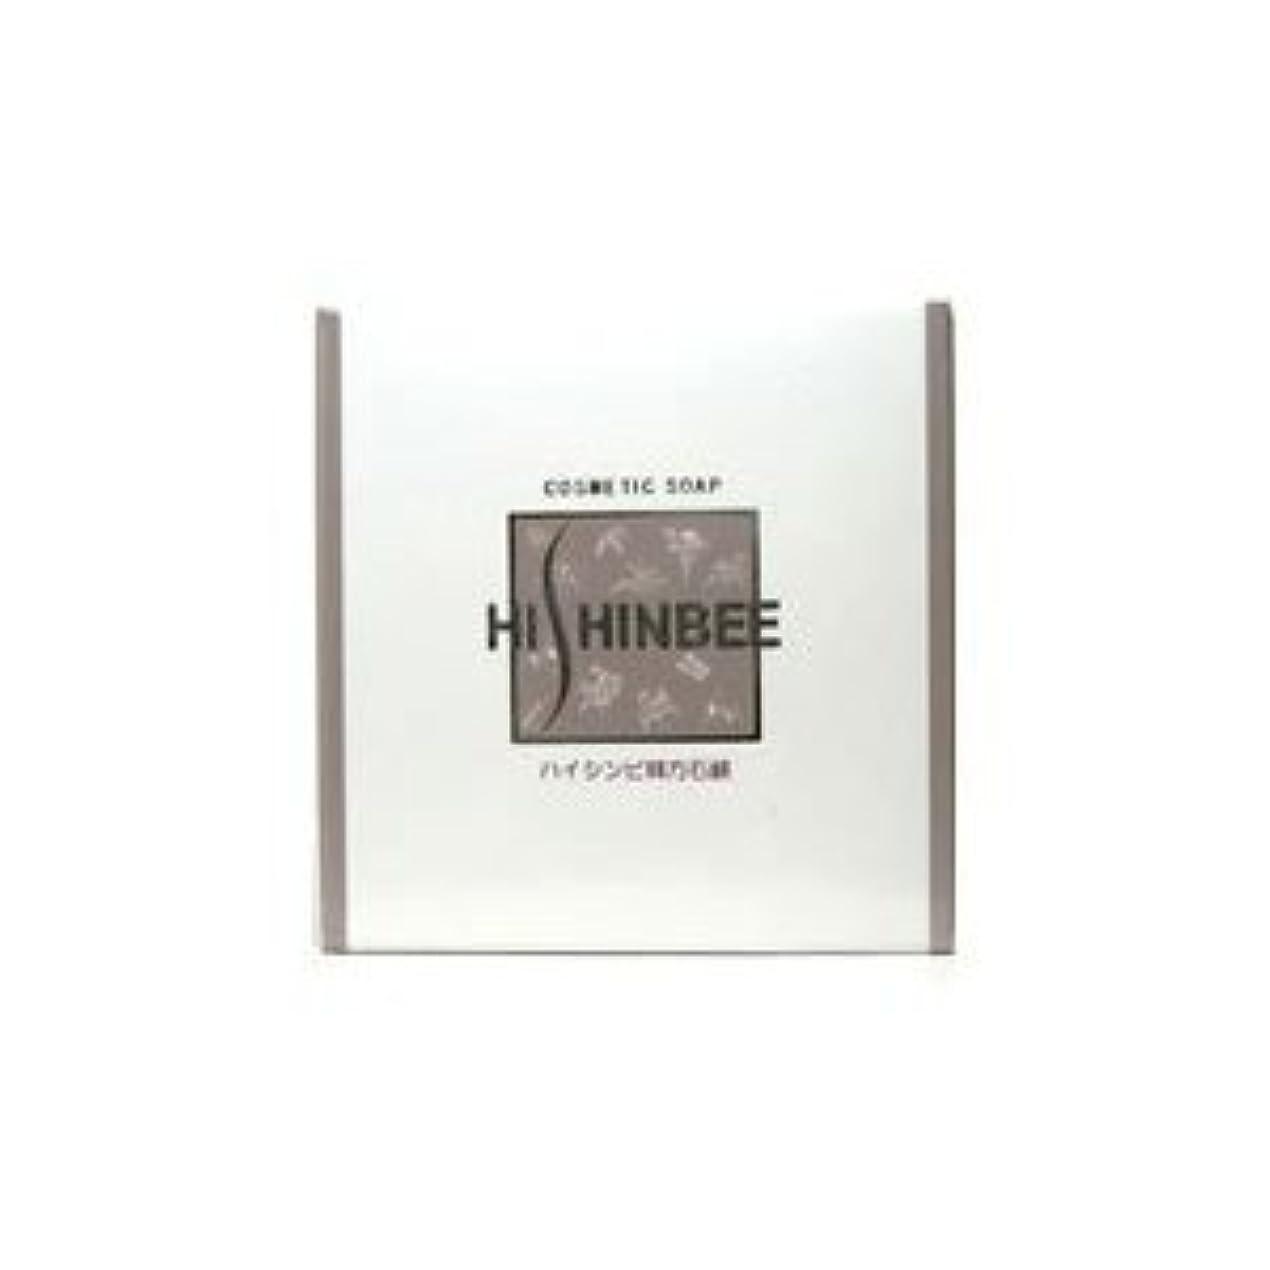 彼のデュアルカストディアン★韓国産★ハイシンビ 韓方石鹸 120g 1BOX(24個)